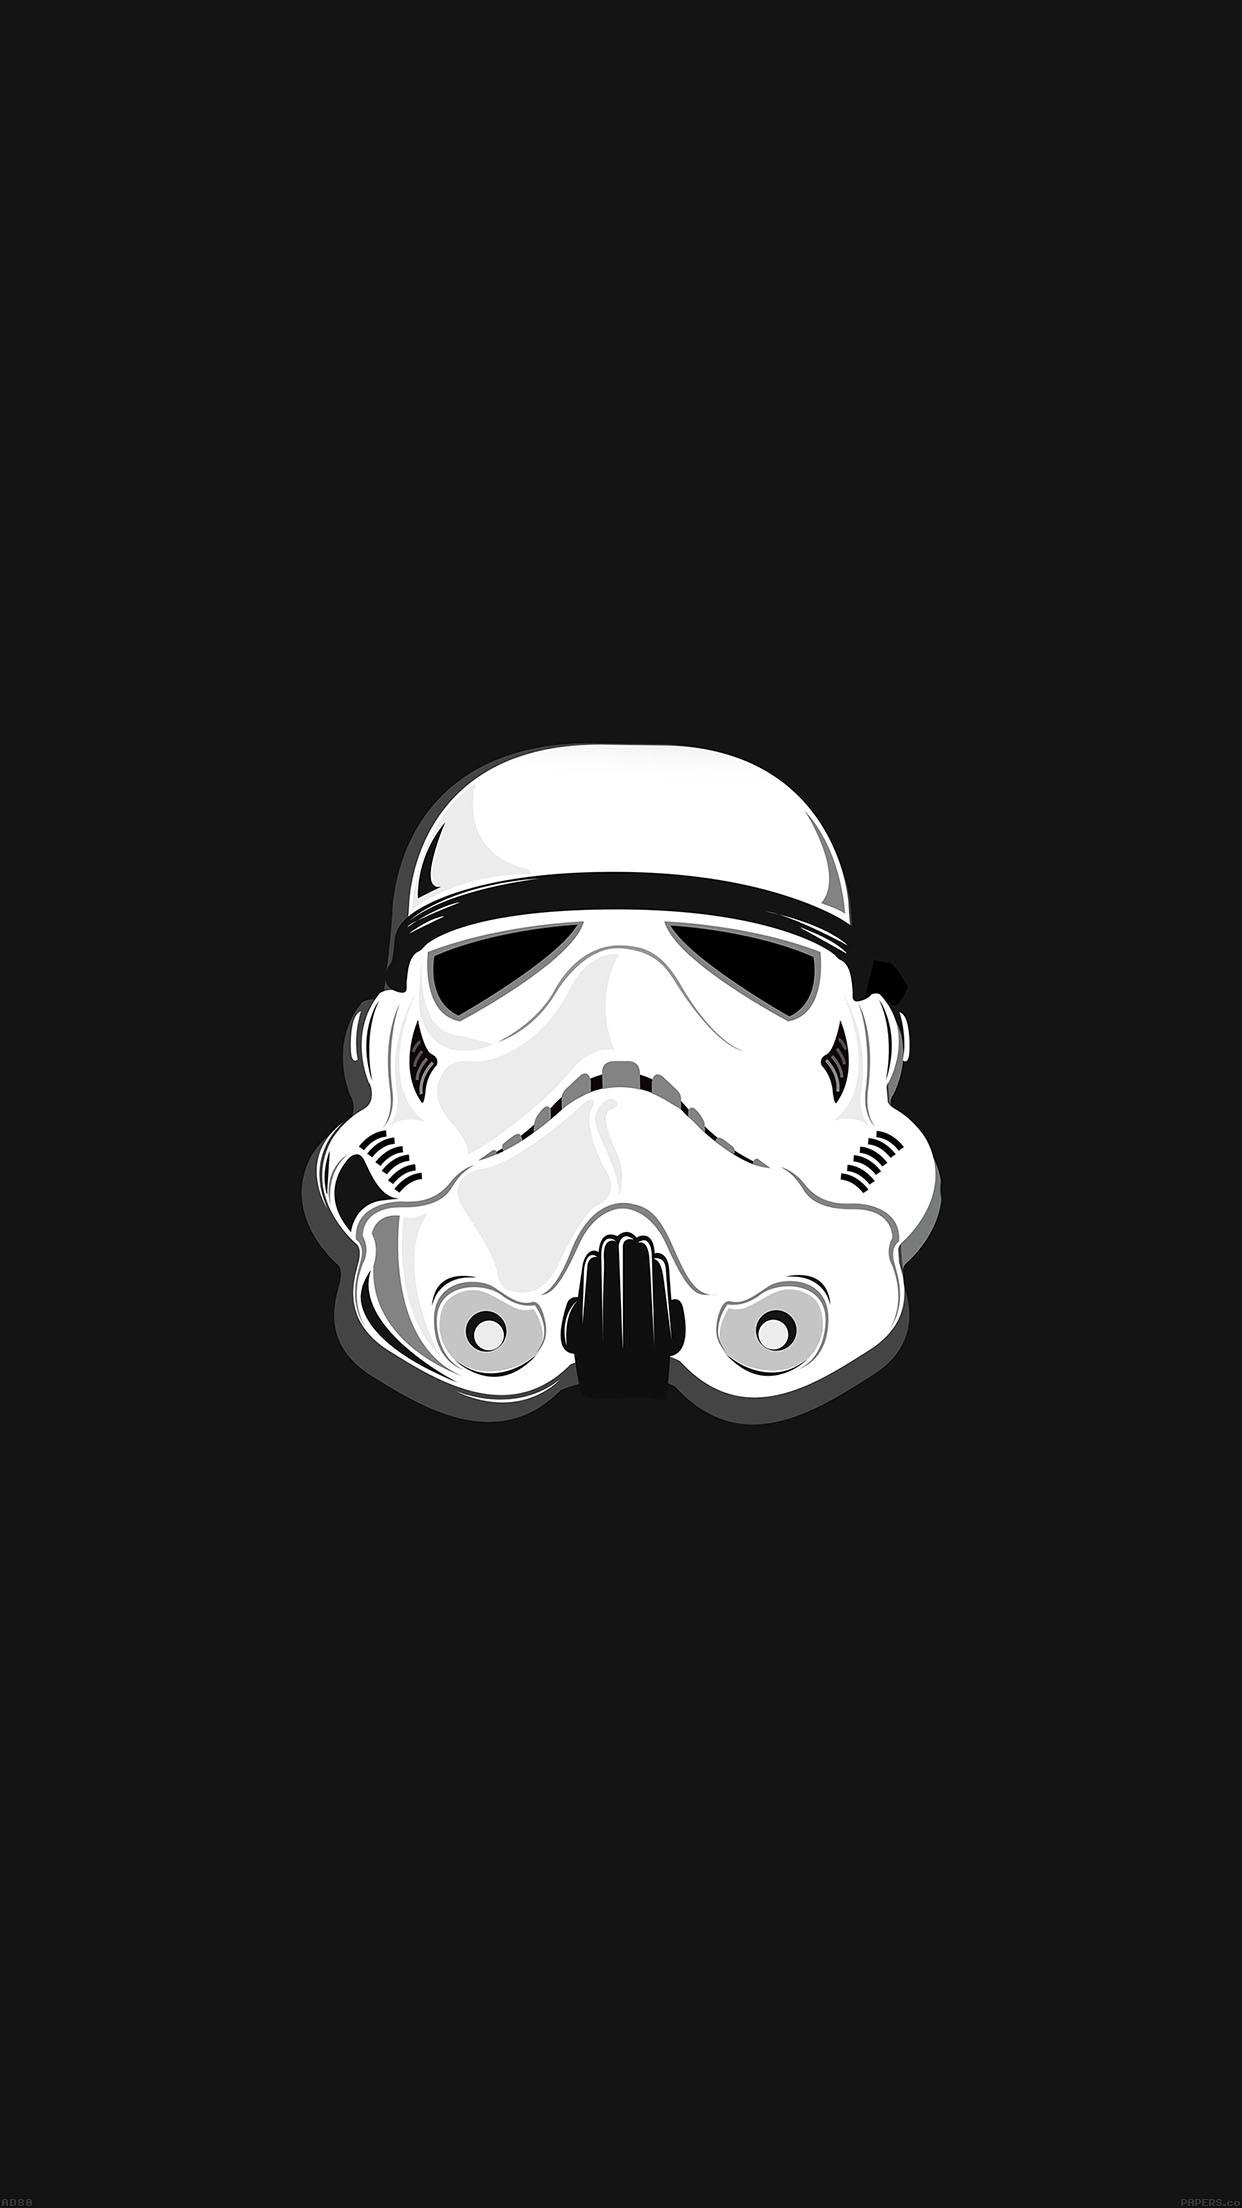 wallpaper-darth-vader-art-star-wars-illust-9-